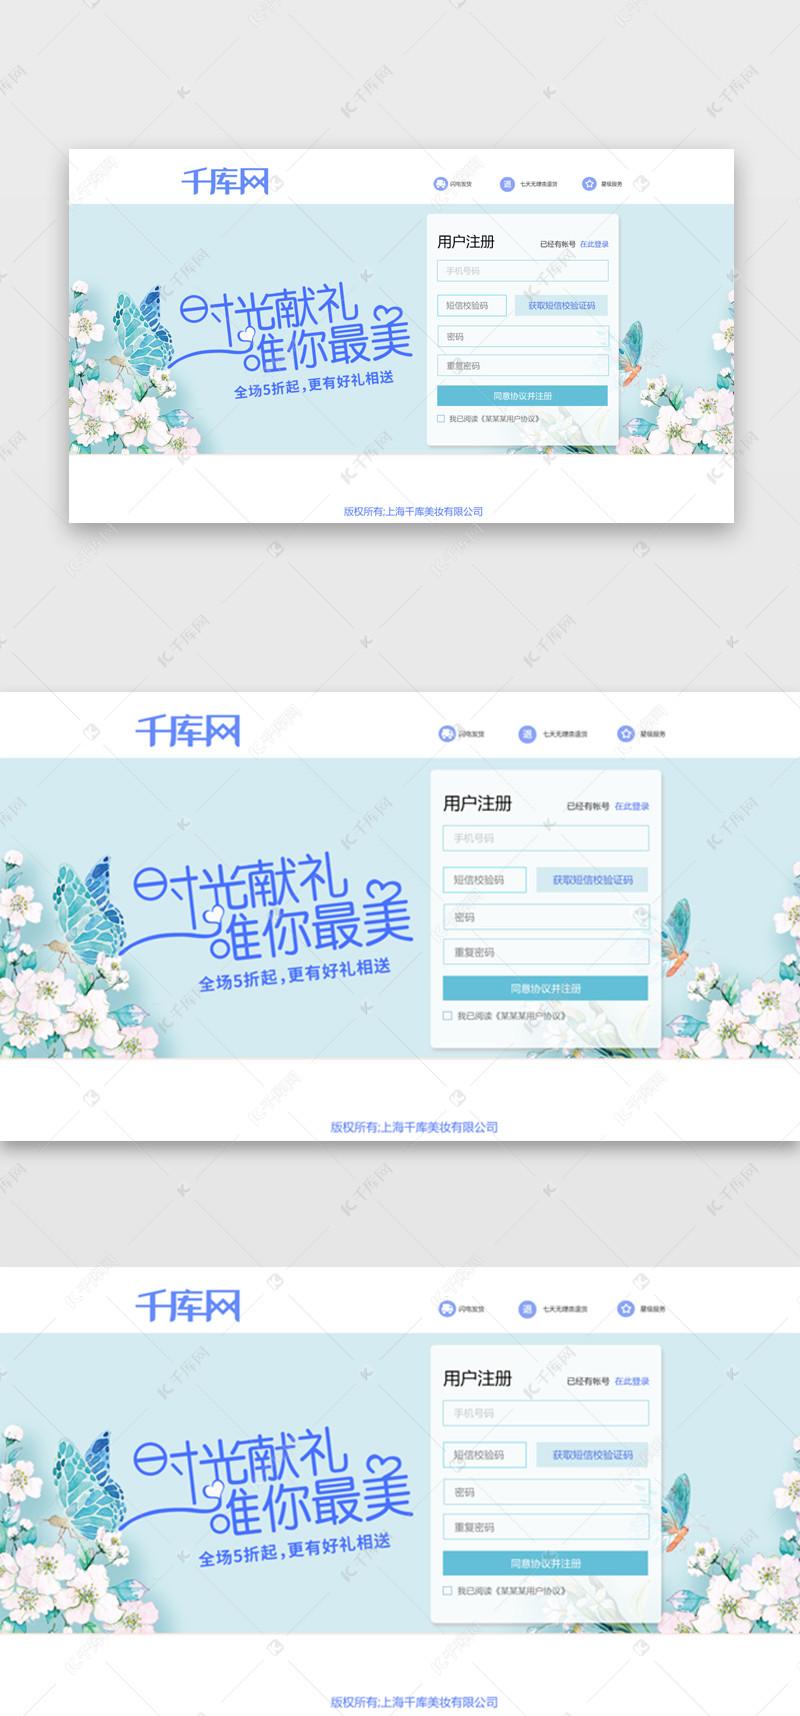 蓝色系唯美文图文美妆页面注册设计网页ui登录昆山艺风广告设计图片